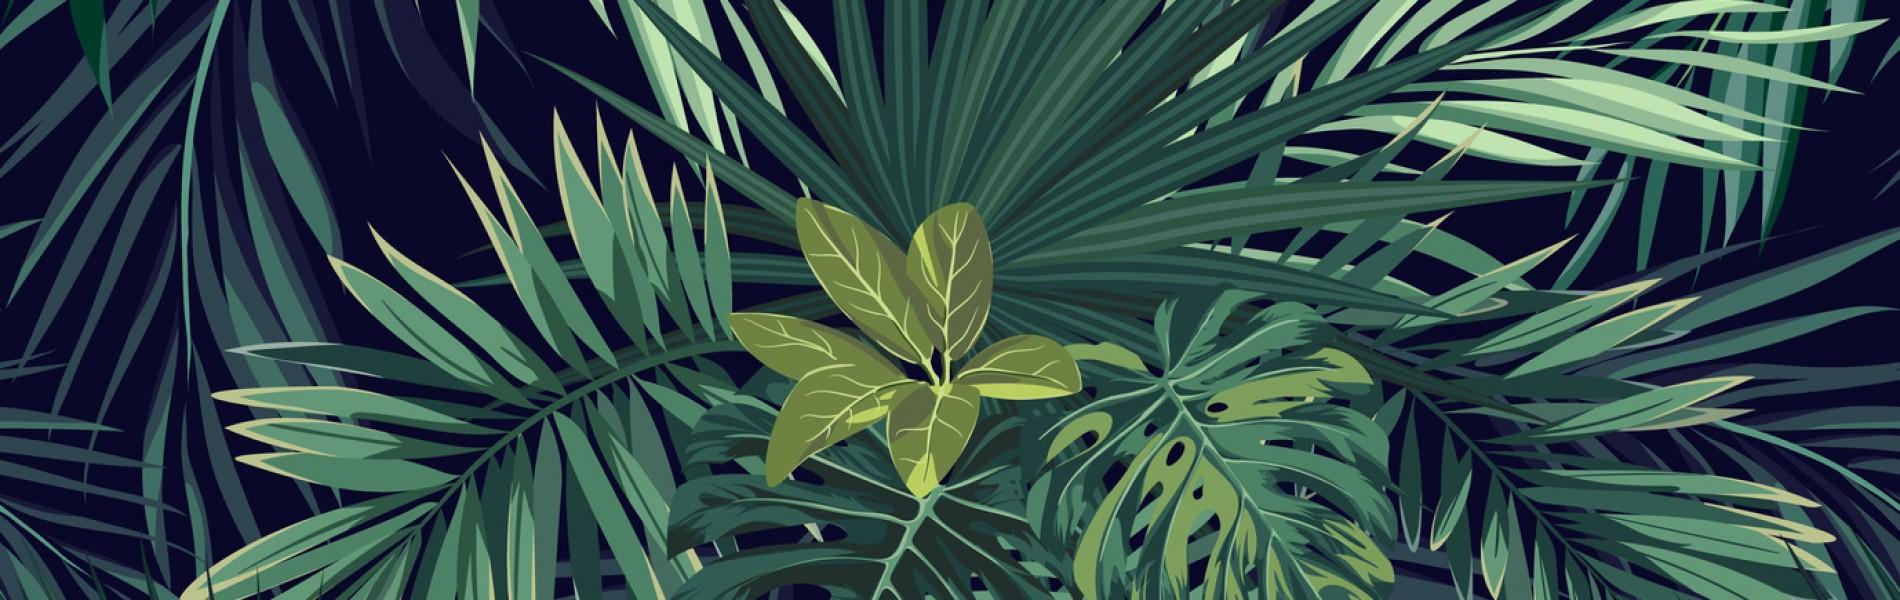 Tendances déco: le style végétal fait son grand retour!